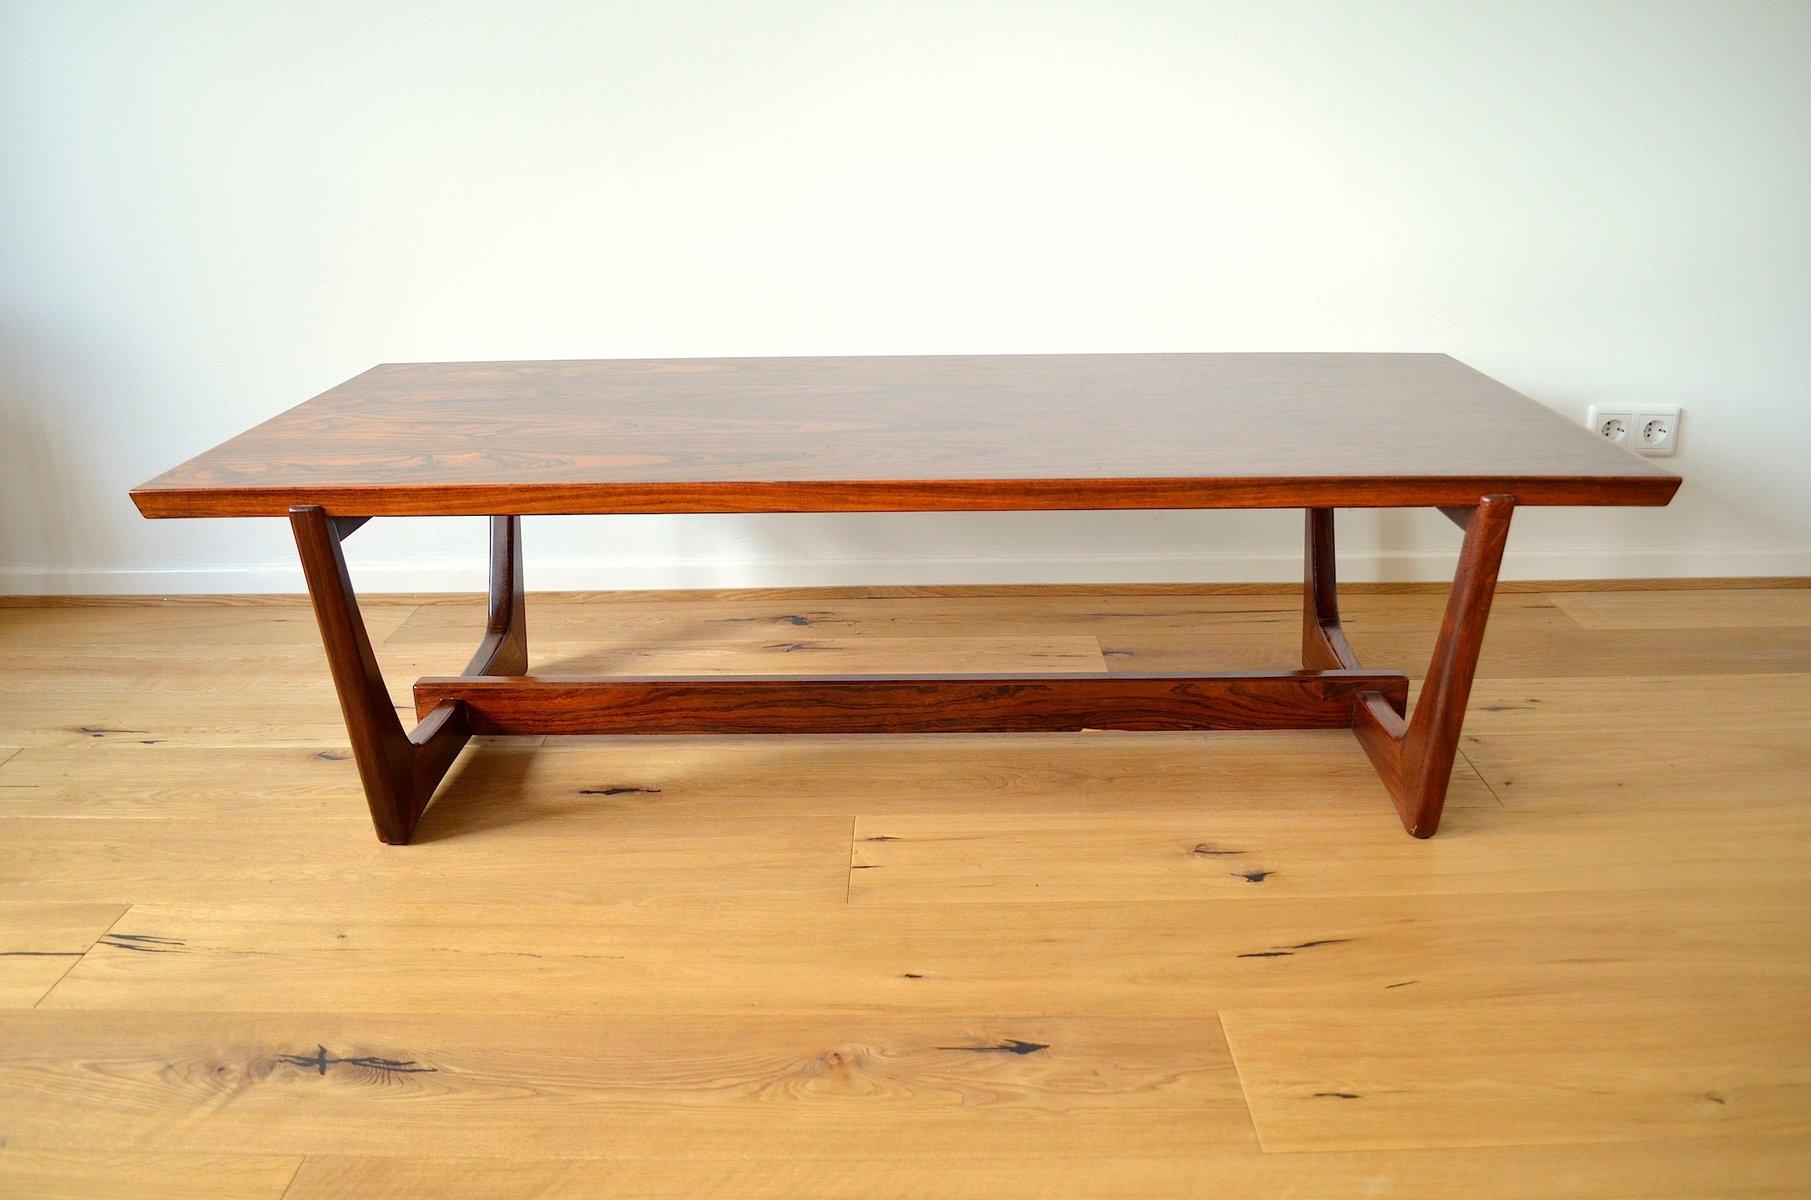 skandinavischer rio palisander furnier couchtisch 1960er bei pamono kaufen. Black Bedroom Furniture Sets. Home Design Ideas